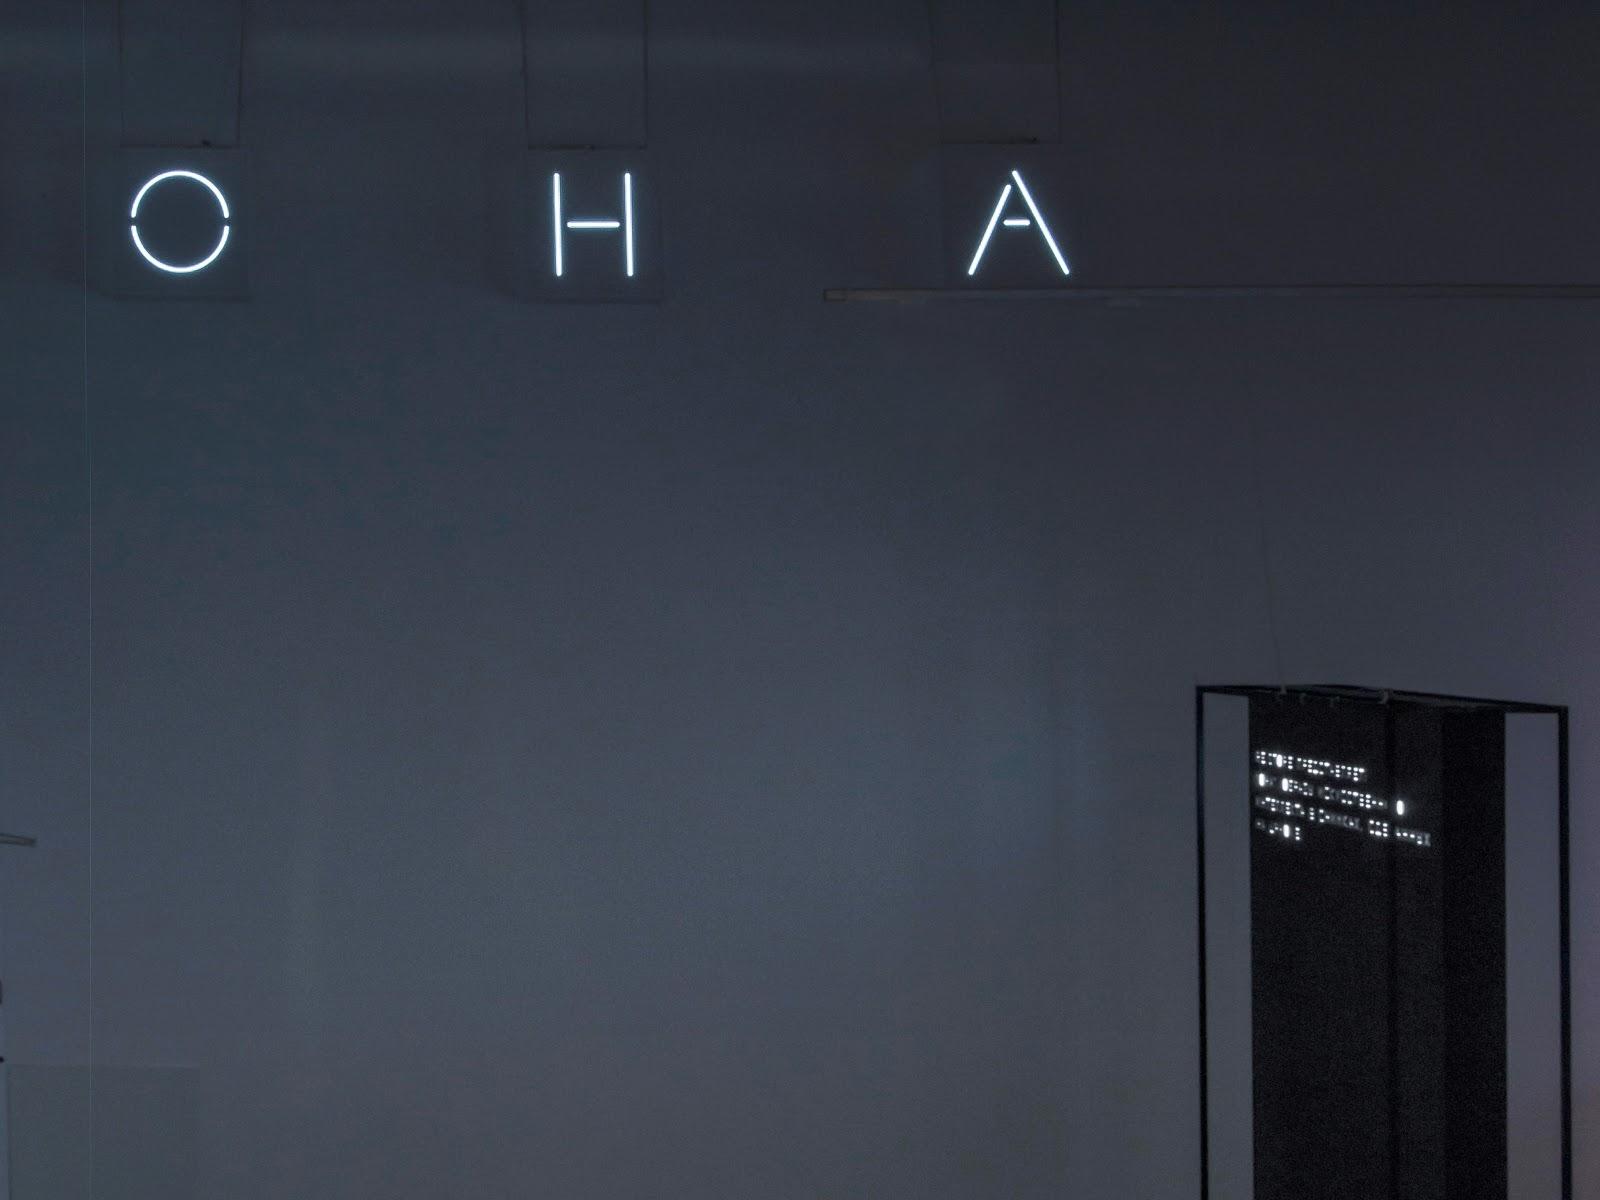 «ОНА»: как мы придумали образы искусственного интеллекта - 5